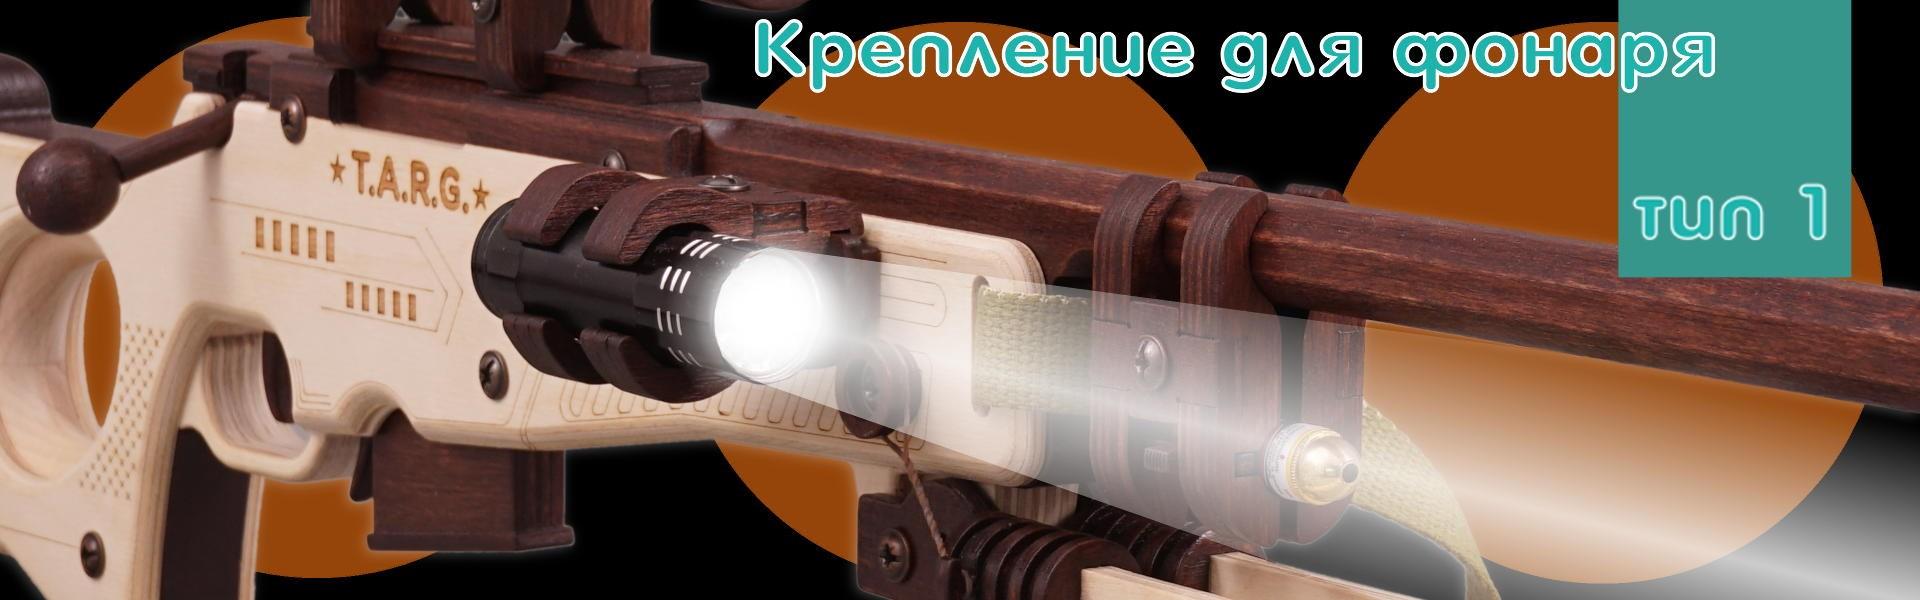 Крепление для фонаря тип 1 - фото 5338